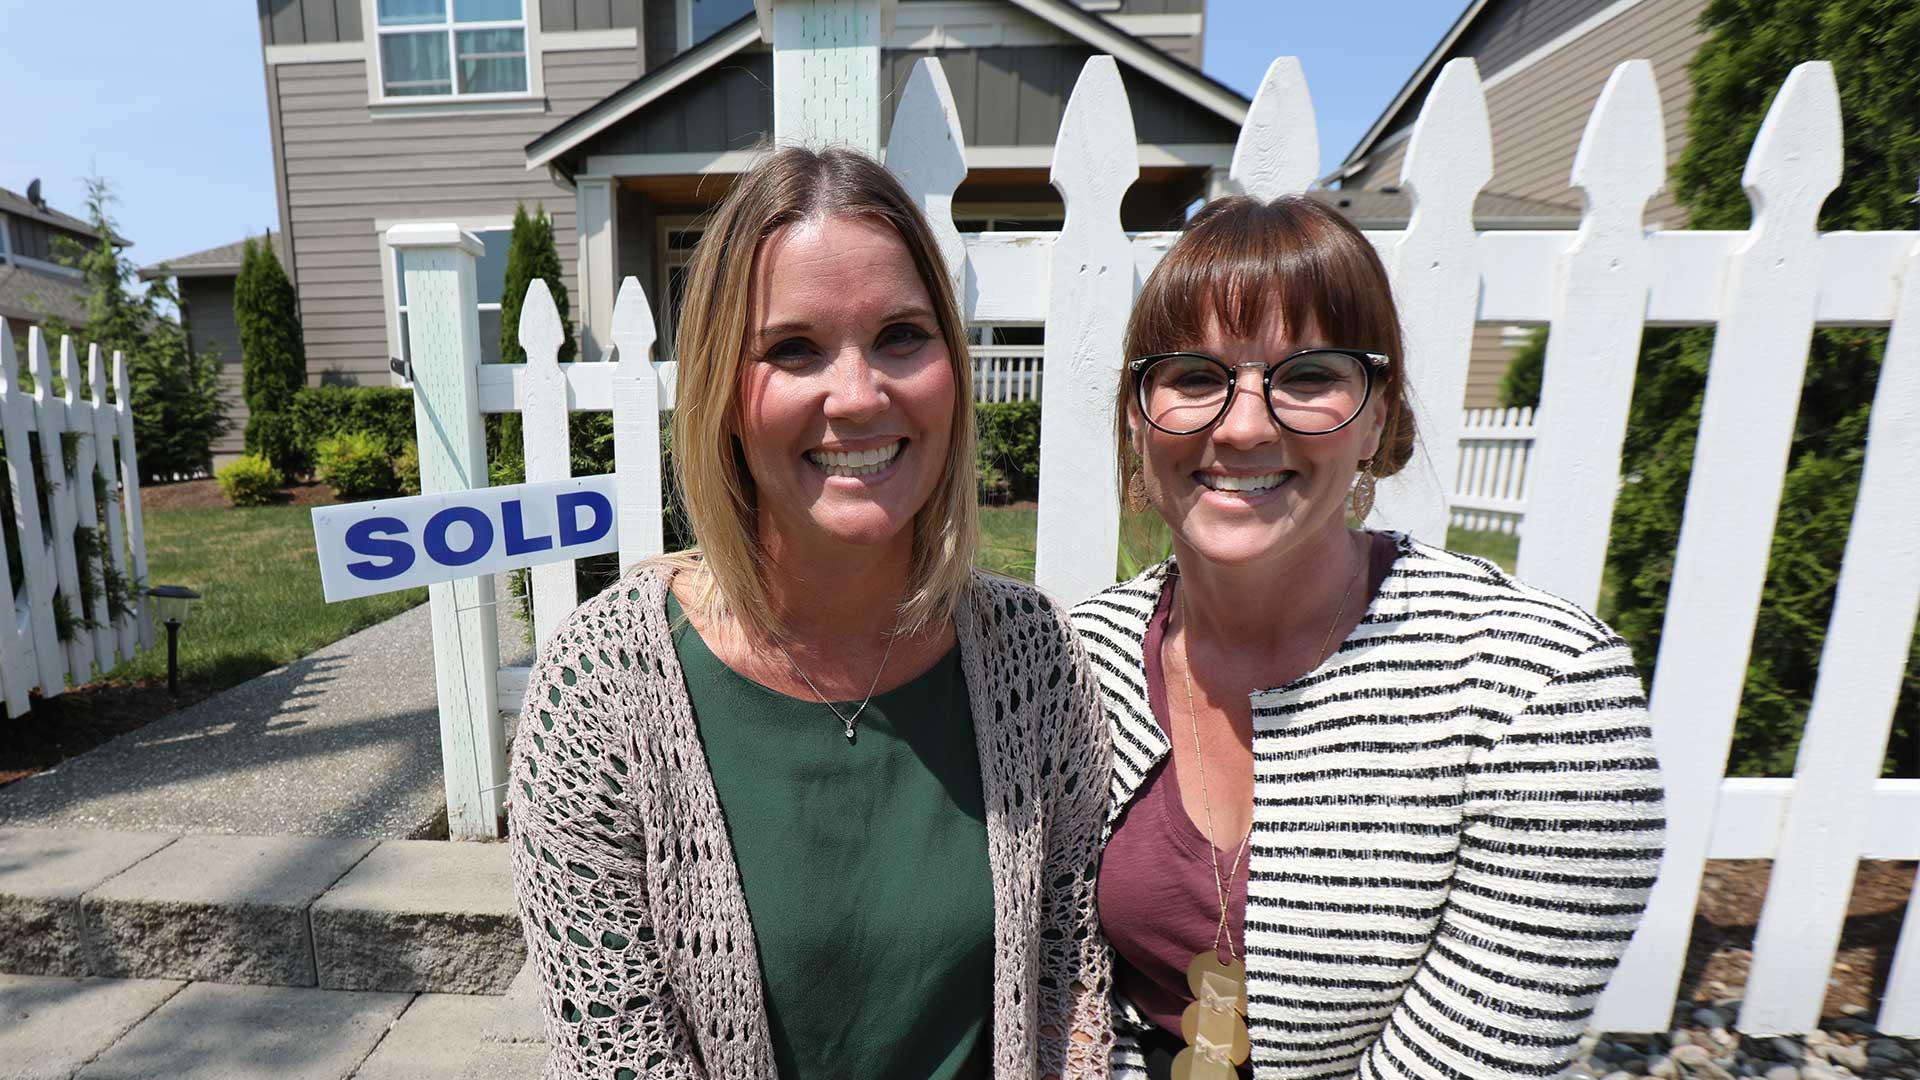 Las hermanas protagonistas de esta serie, especialistas en la compra-venta de casas, son las mejores de la costa del Pacífico por su capacidad de encargarse de la reforma de casas difíciles de vender